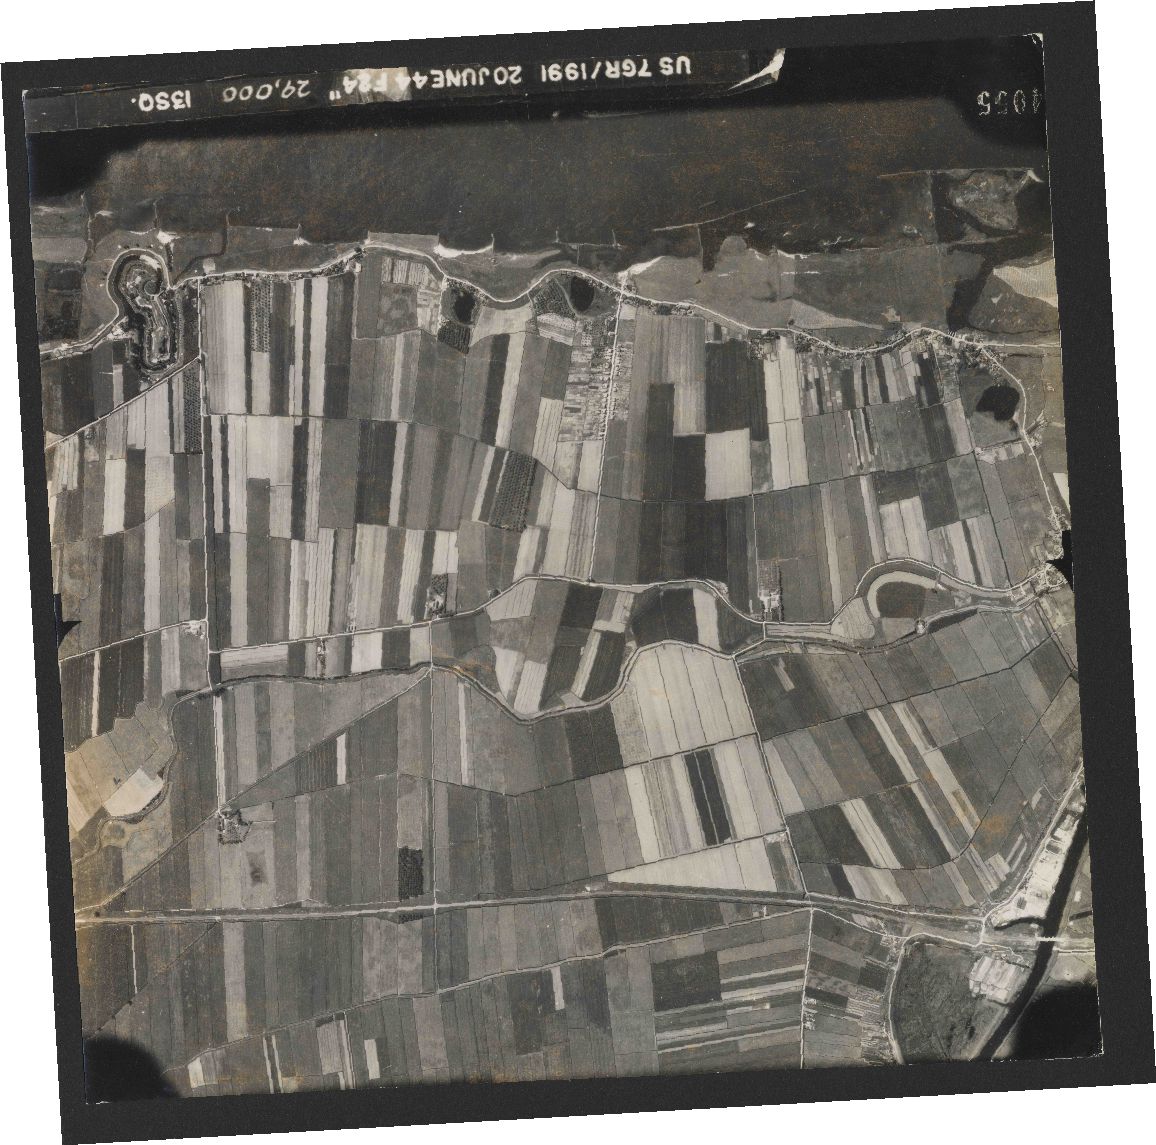 Collection RAF aerial photos 1940-1945 - flight 343, run 14, photo 4055